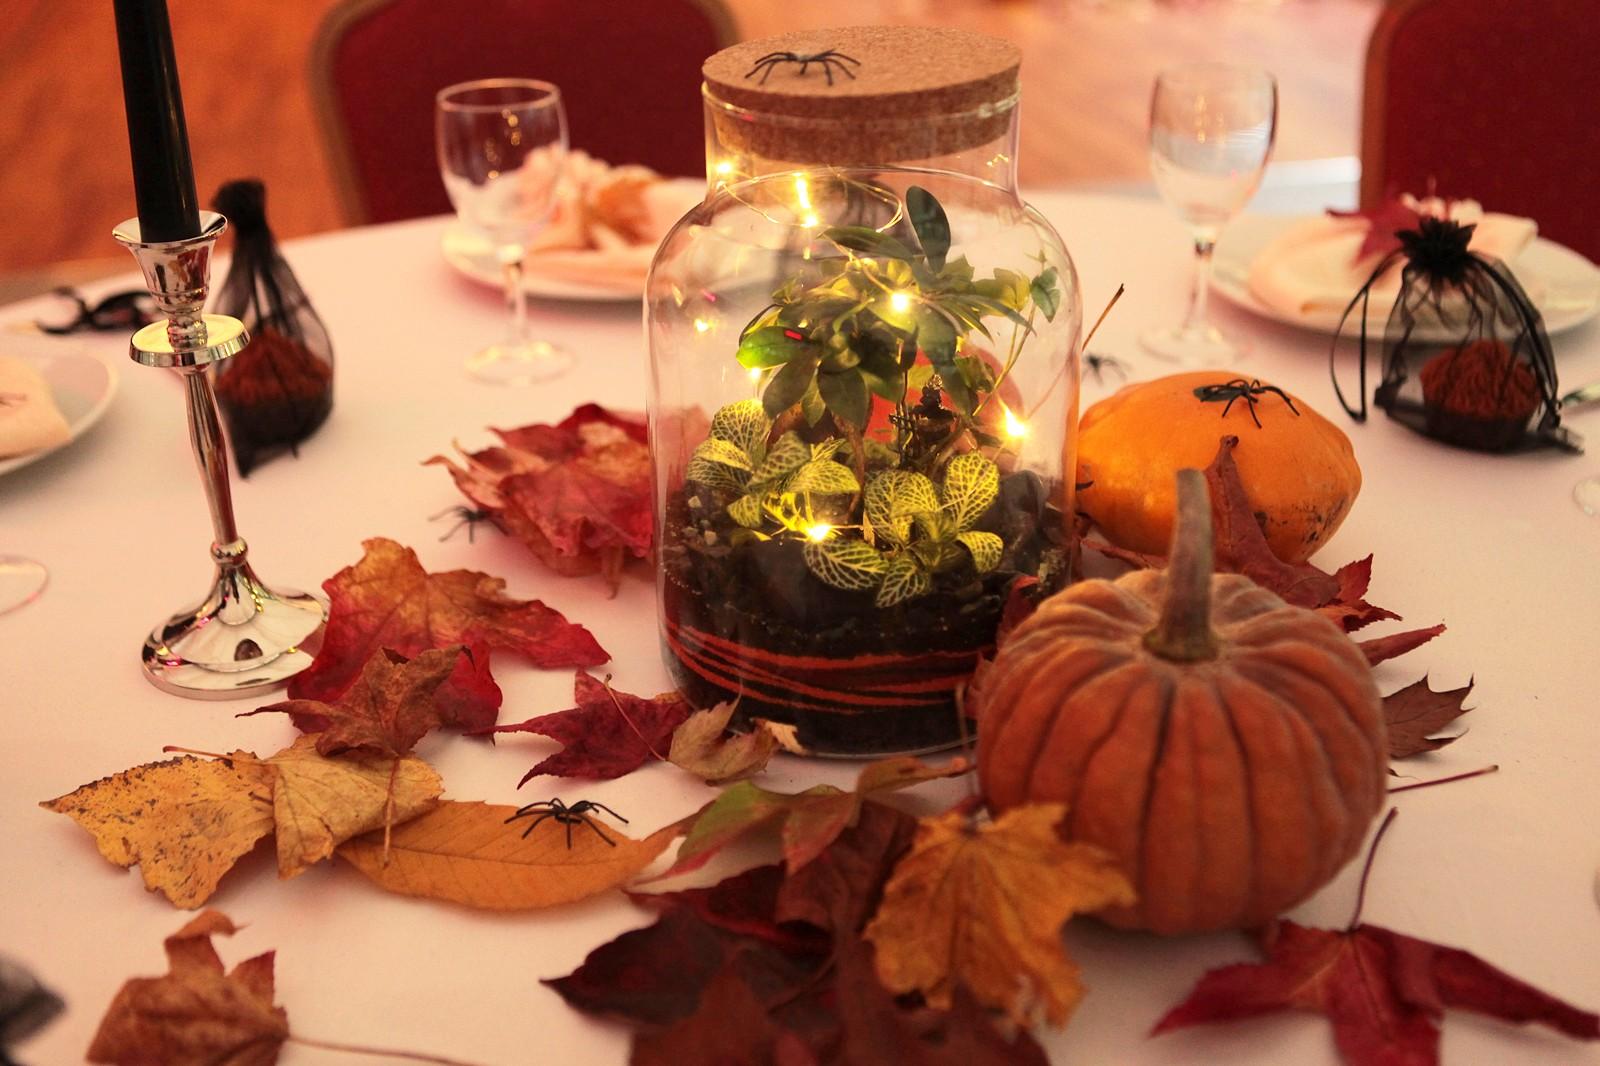 Décoration terrarium pour mariage Halloween par Petit monde